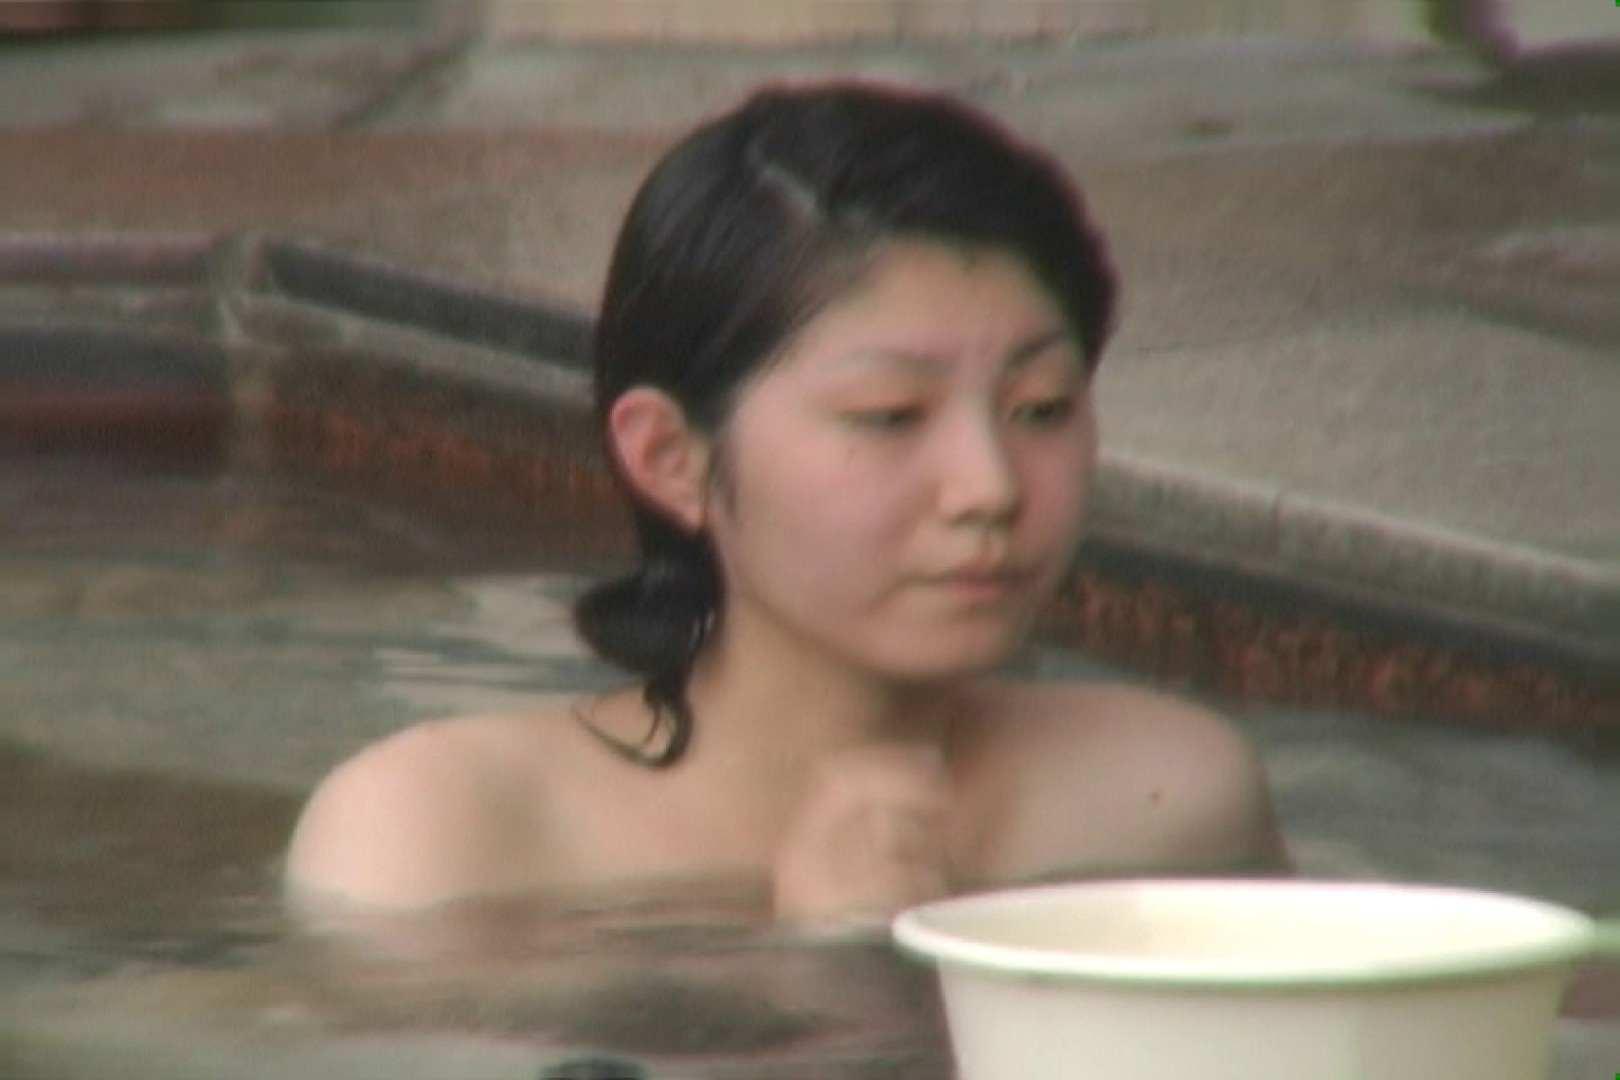 Aquaな露天風呂Vol.579 綺麗なOLたち | 盗撮  68枚 49